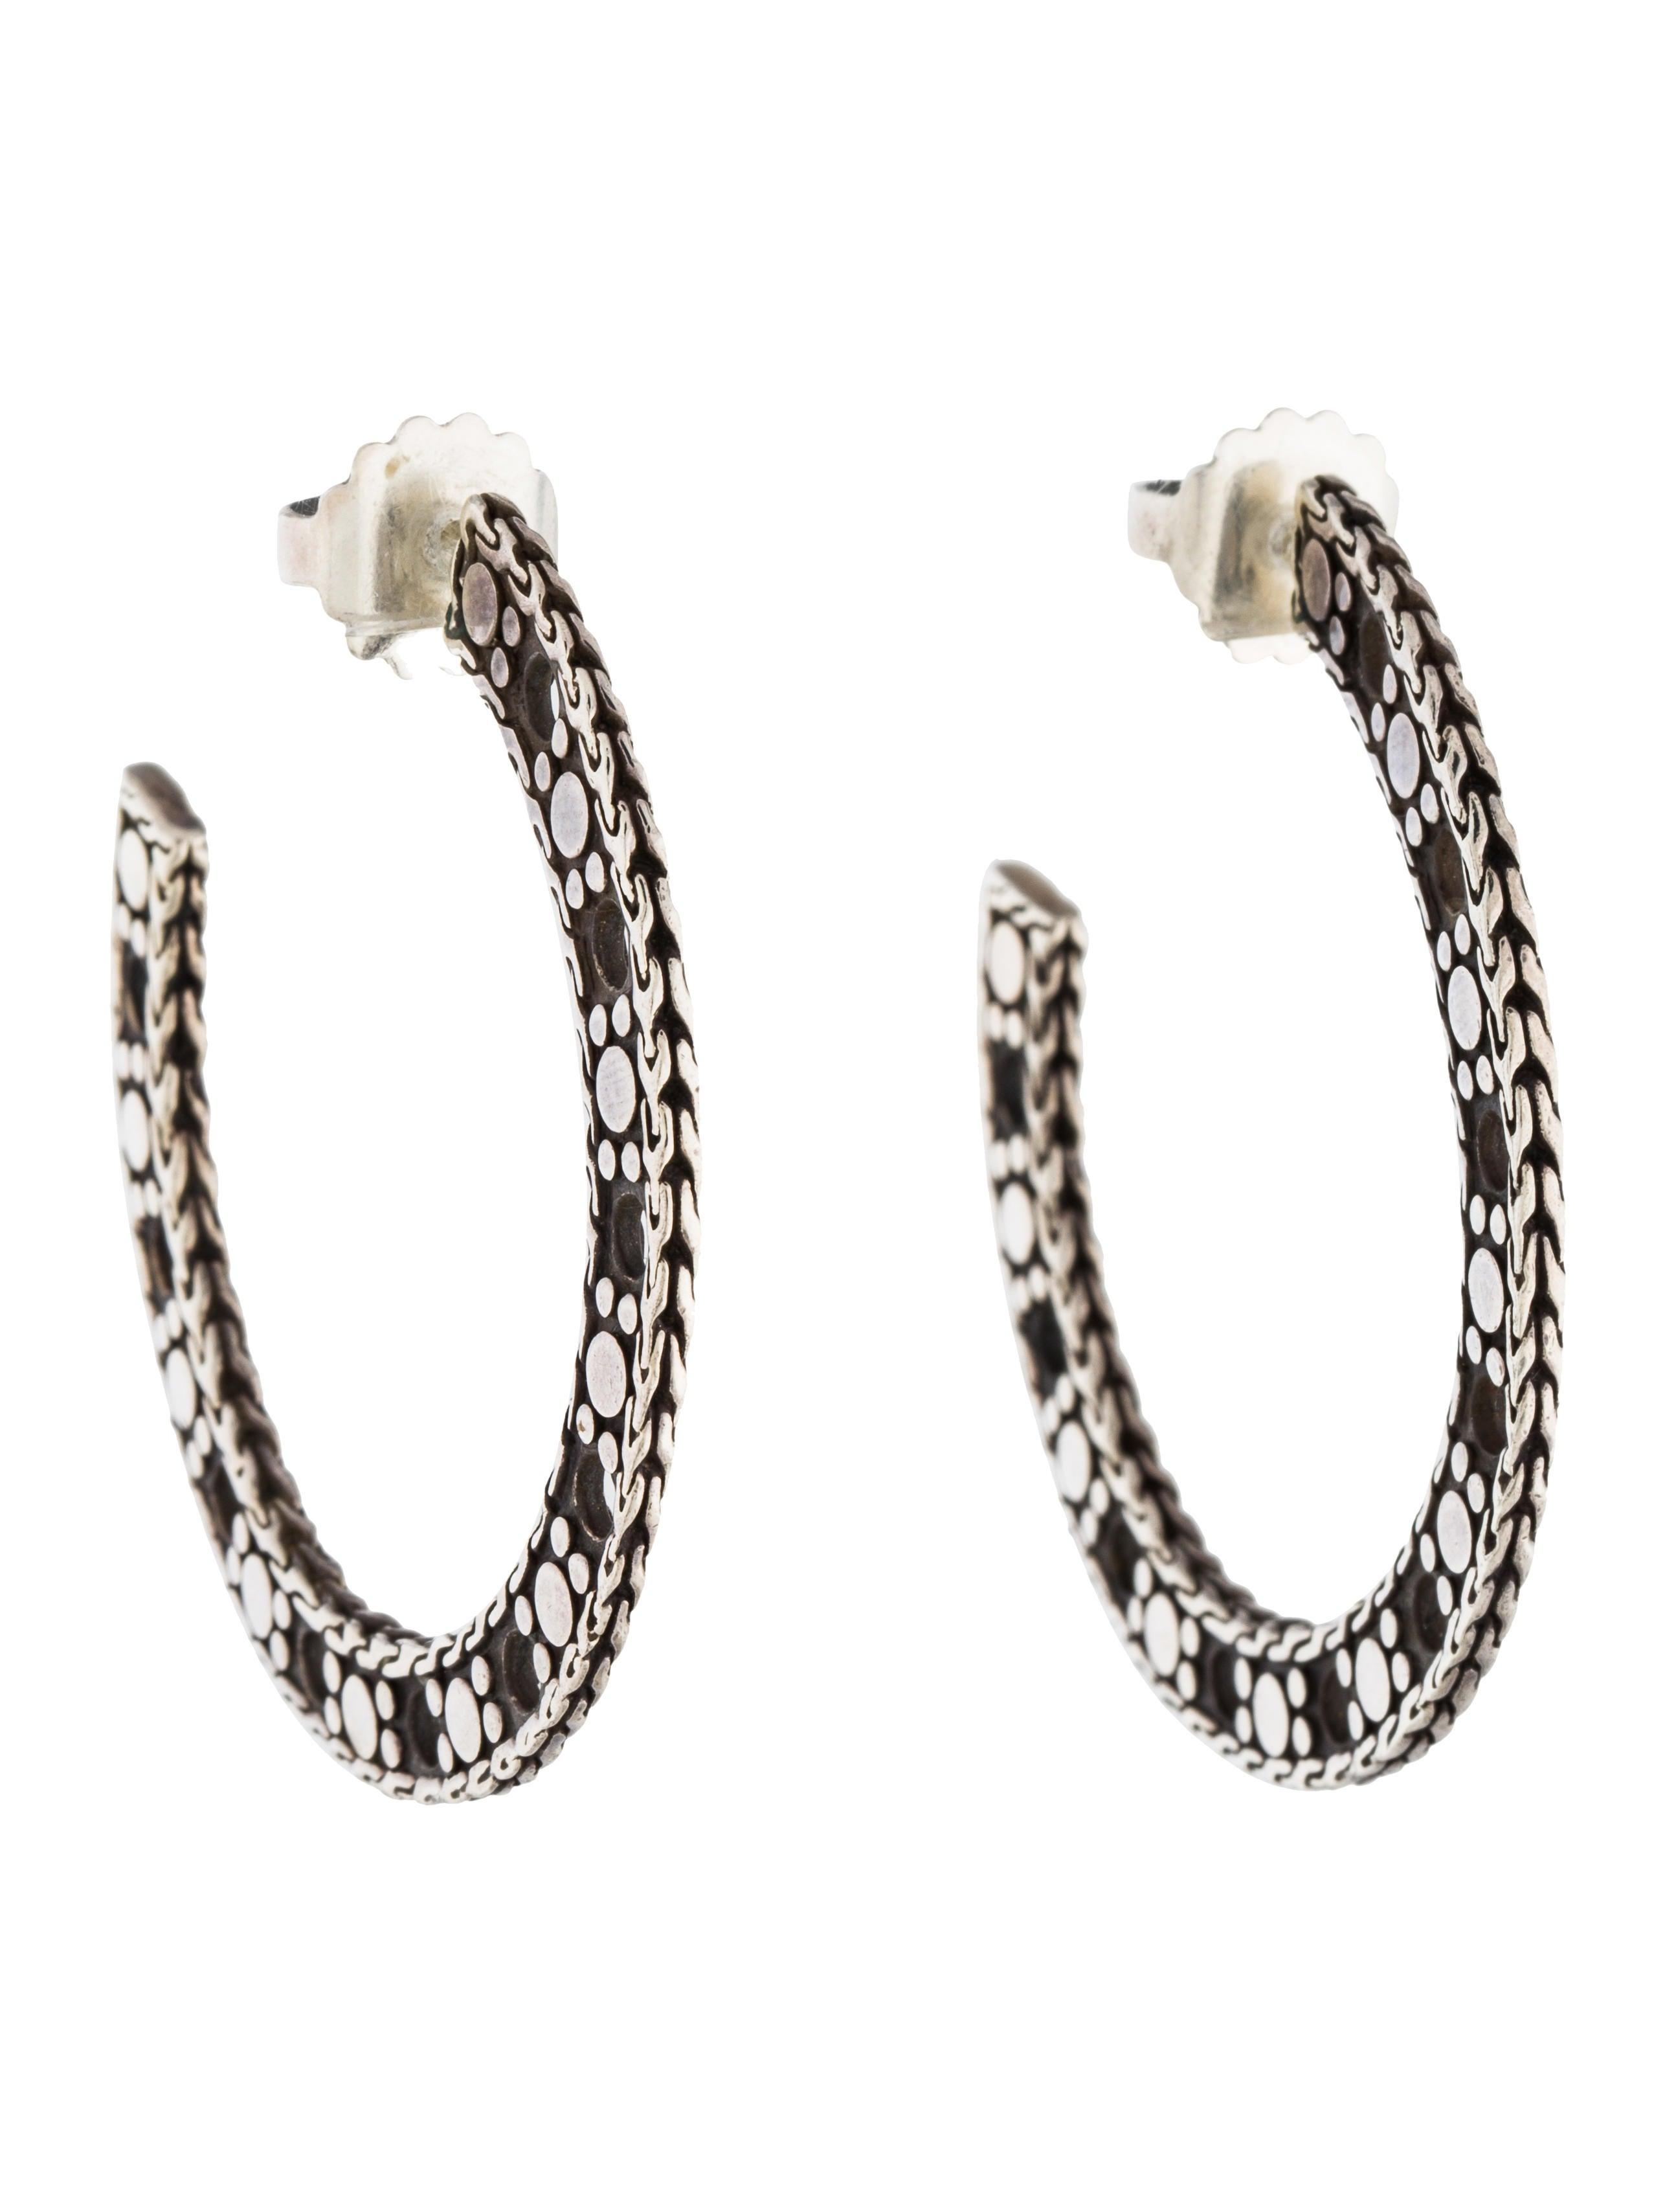 John hardy hoop earrings earrings jha27650 the realreal for John hardy jewelry earrings